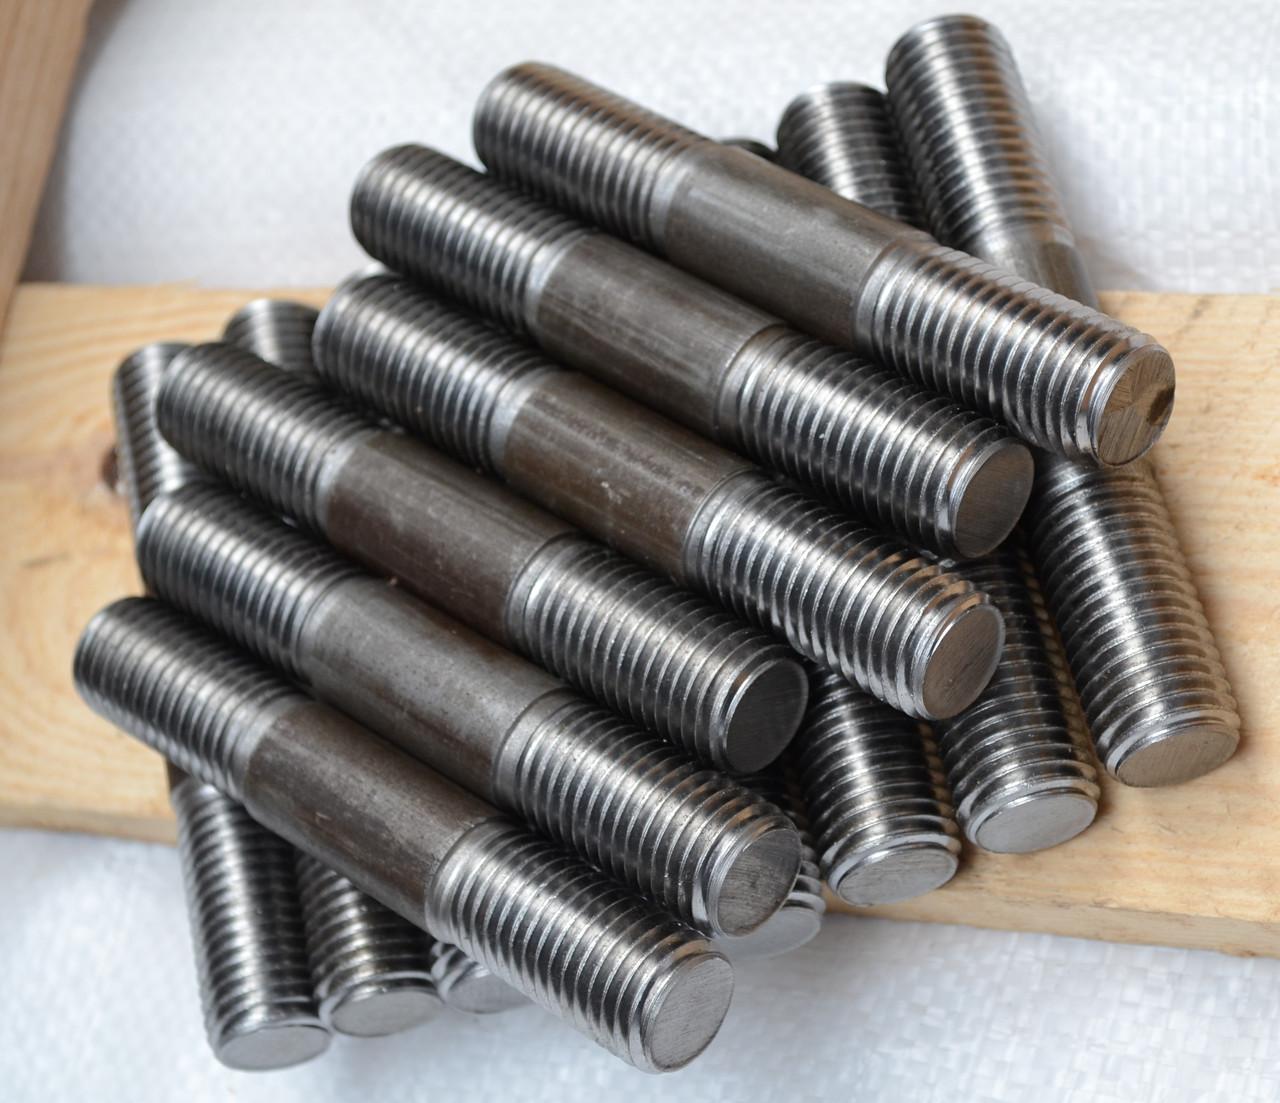 Шпильки для фланцевых соединений гост 9066-75 и другие, цена 100.